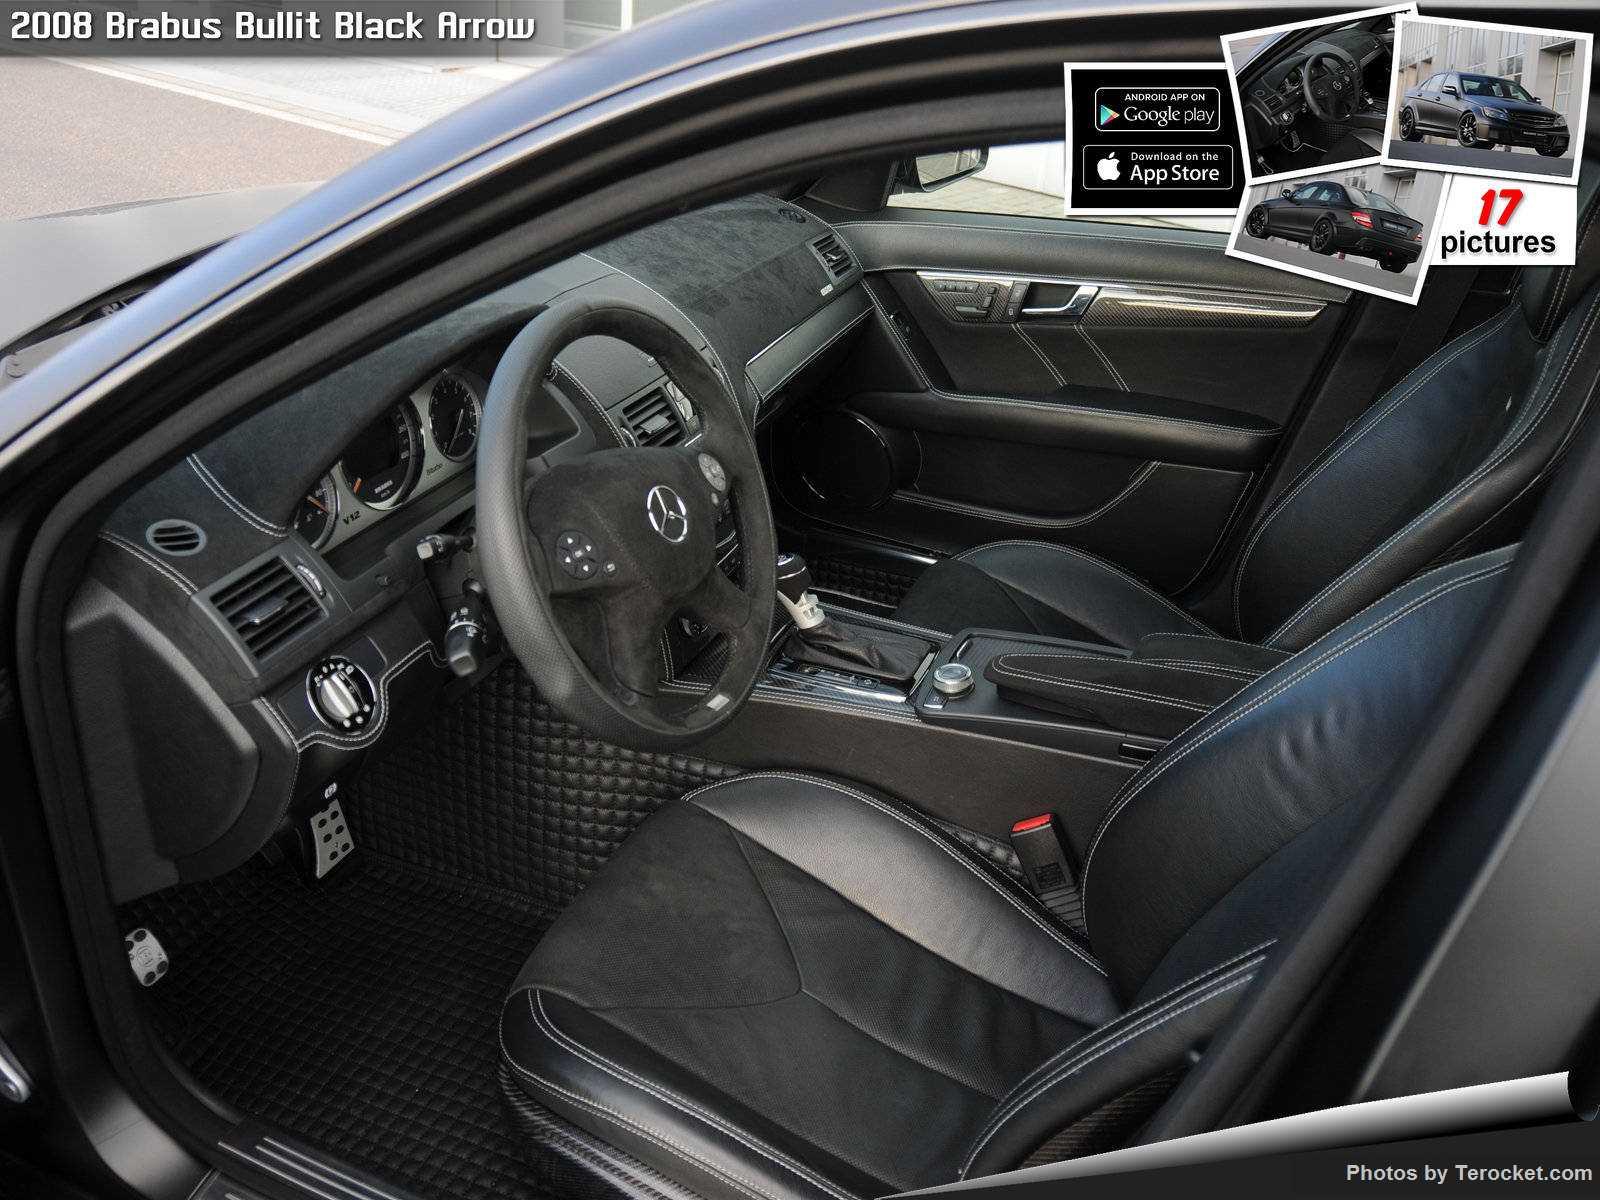 Hình ảnh xe ô tô Brabus Bullit Black Arrow 2008 & nội ngoại thất